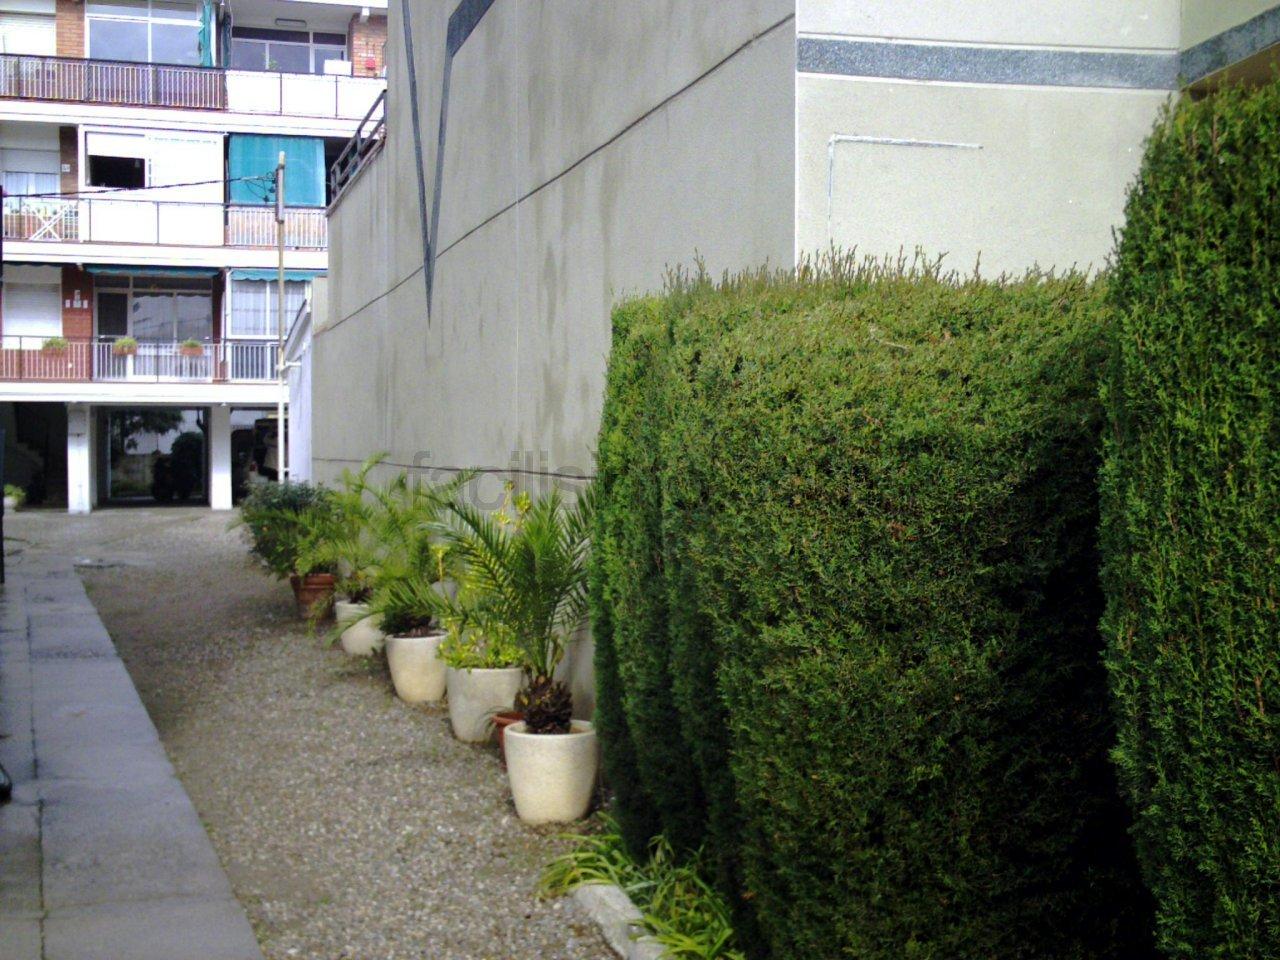 Lloguer Pis  Castelldefels - les botiques - can bou - mar i sol. Apartamento muy práctico y reformado moderno.  queda libre el